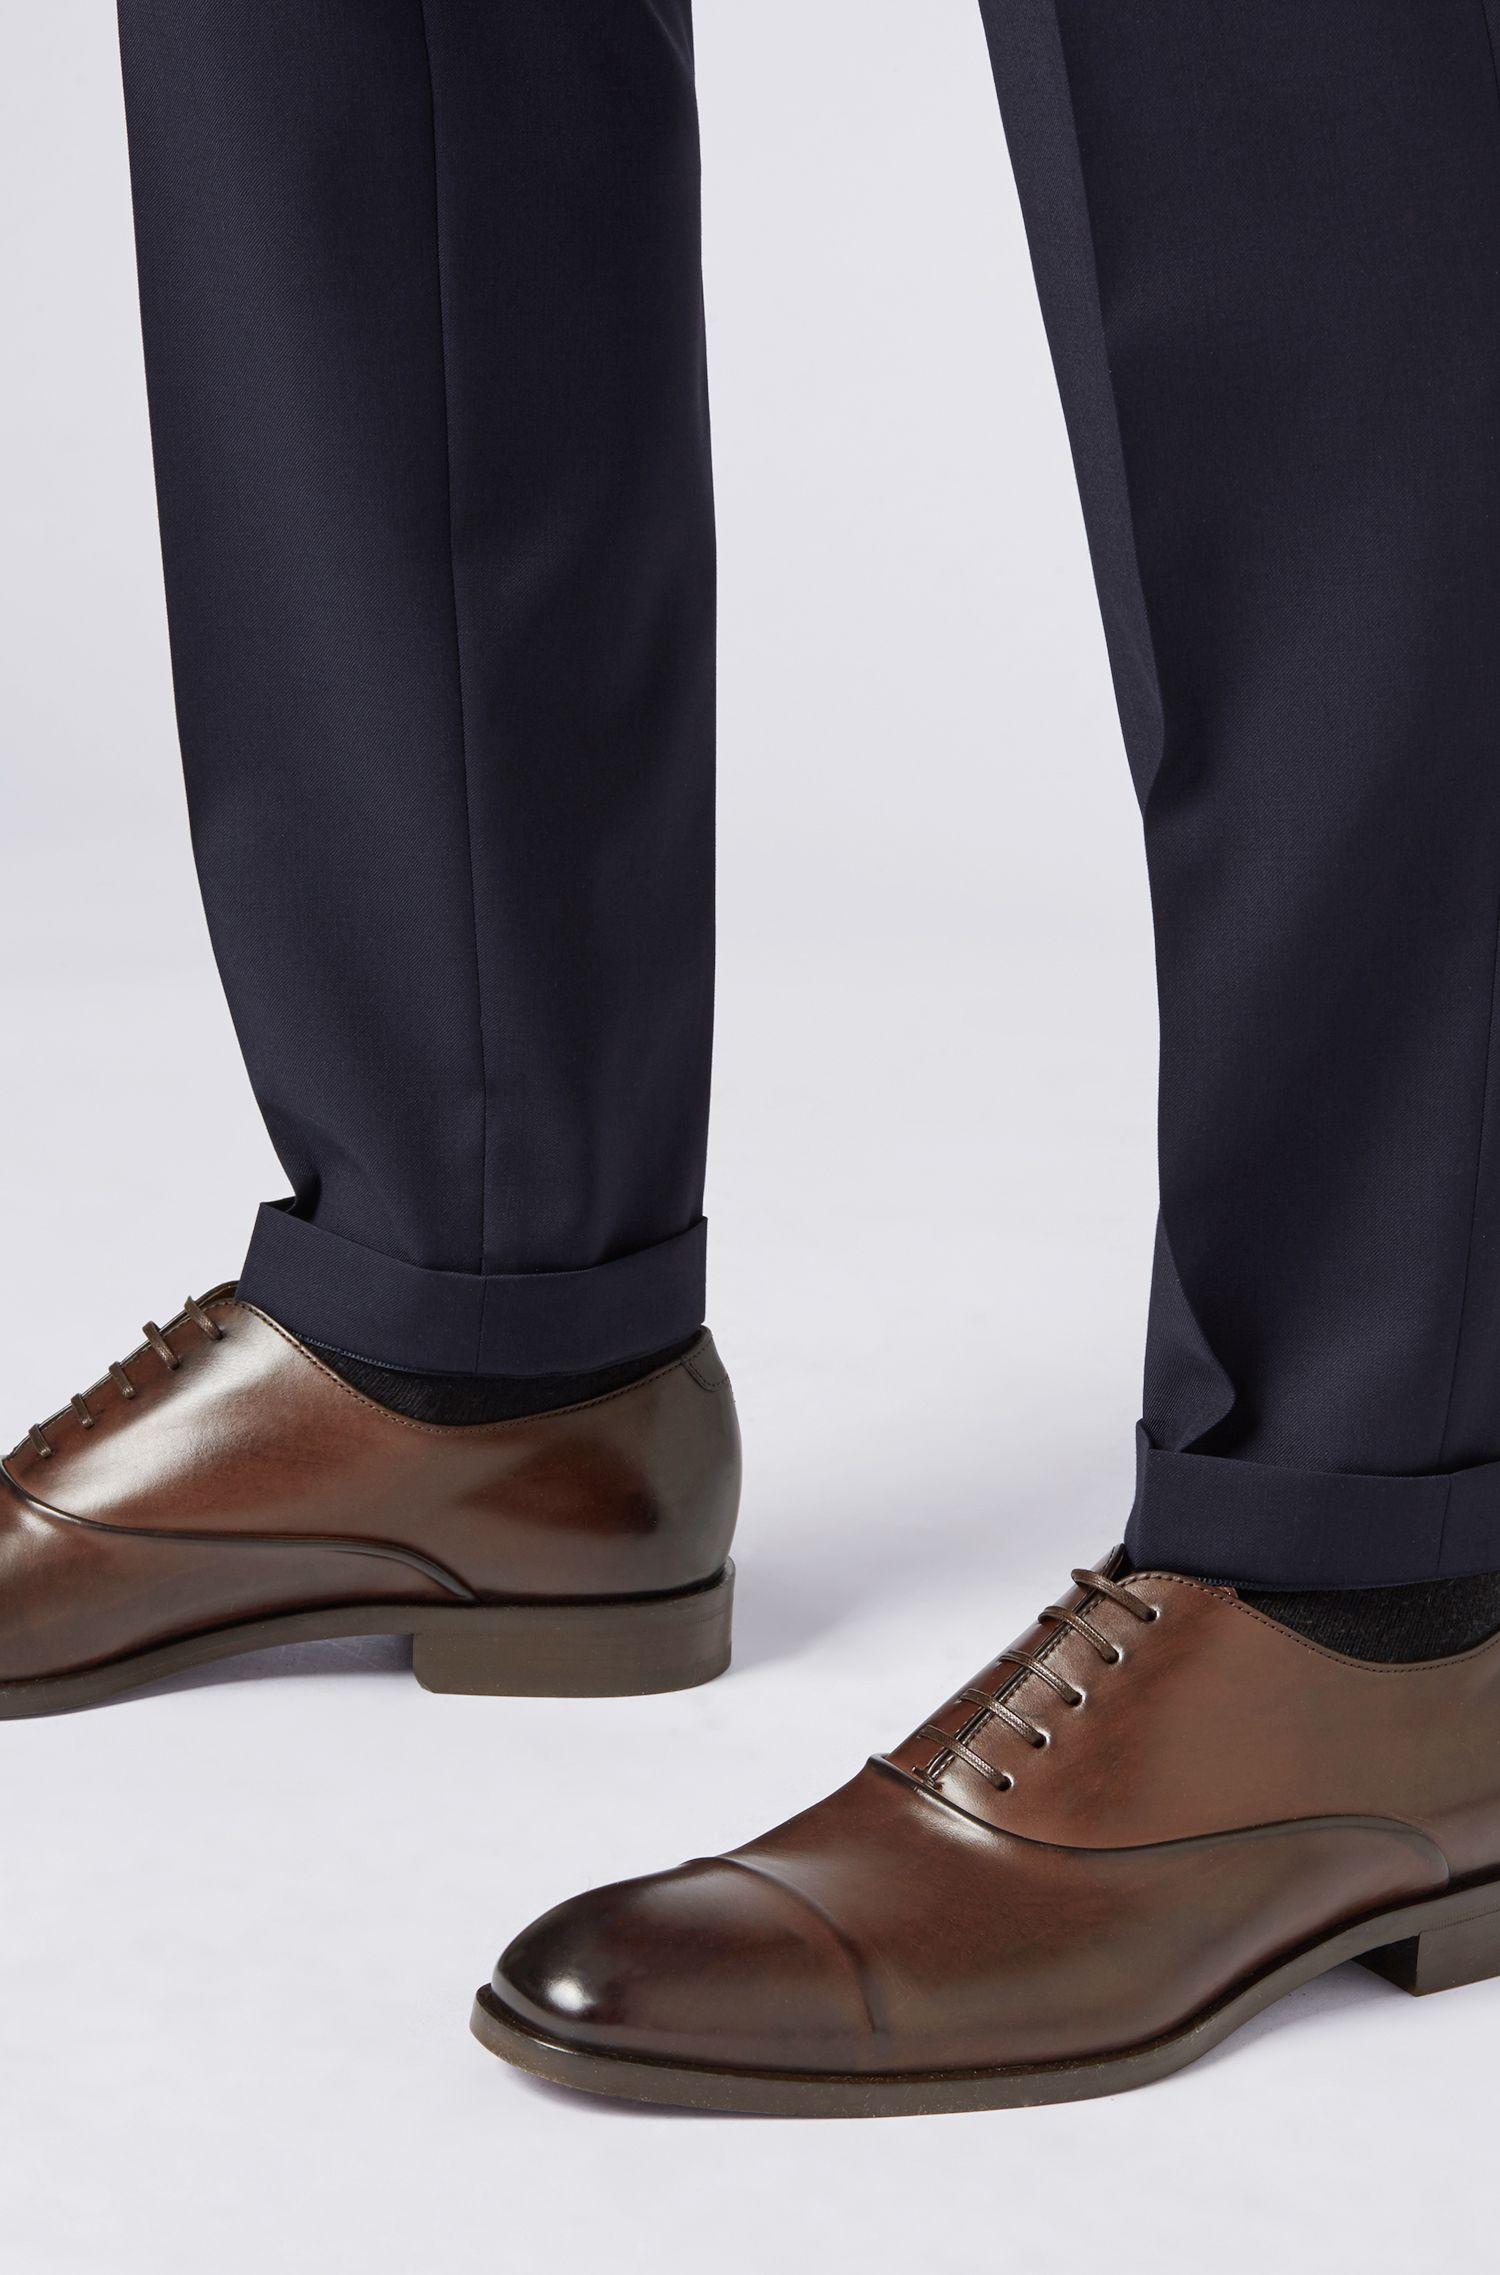 Hugo Boss - Zapatos Oxford elaborados en Italia en piel de becerro de curtido vegetal - 4